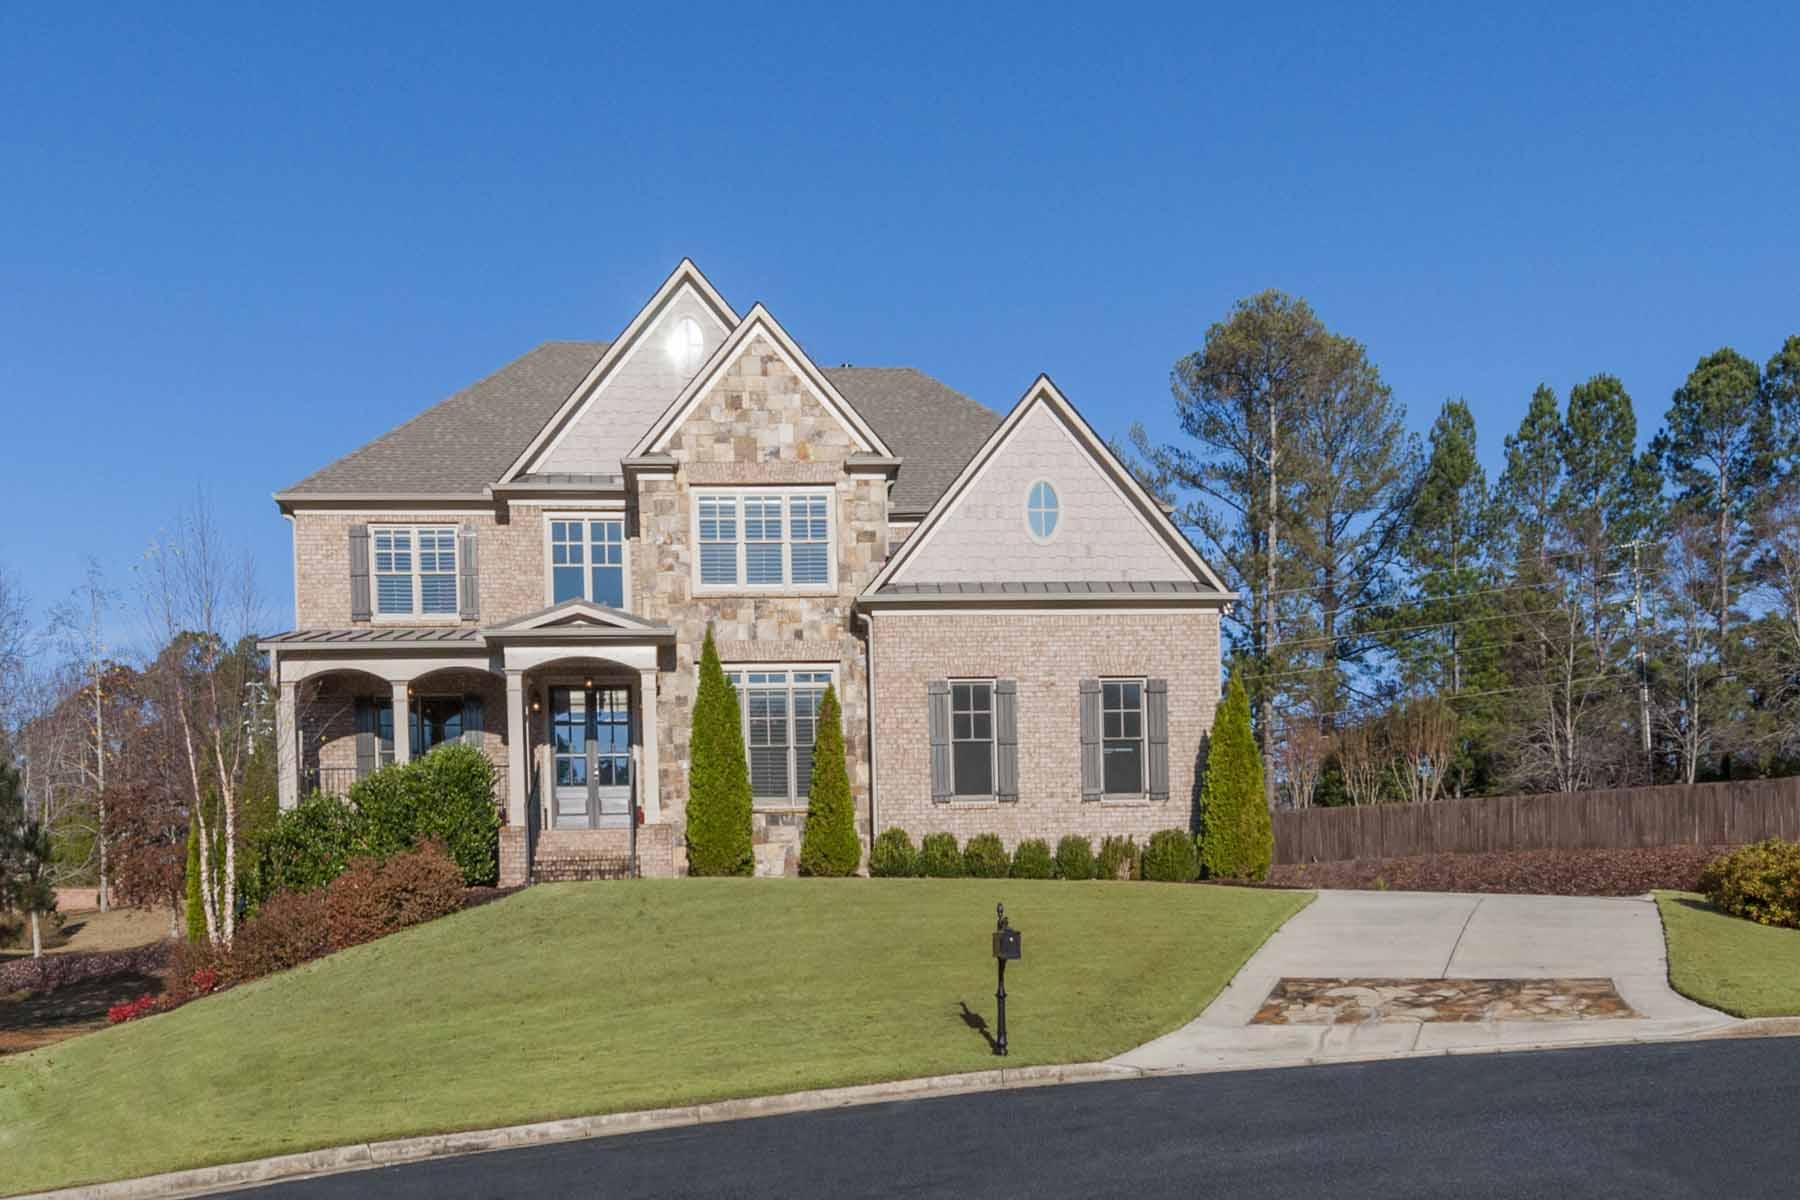 Частный односемейный дом для того Продажа на Desirable Executive Living In North Atlanta 1055 Cascade Run Court Suwanee, Джорджия, 30024 Соединенные Штаты